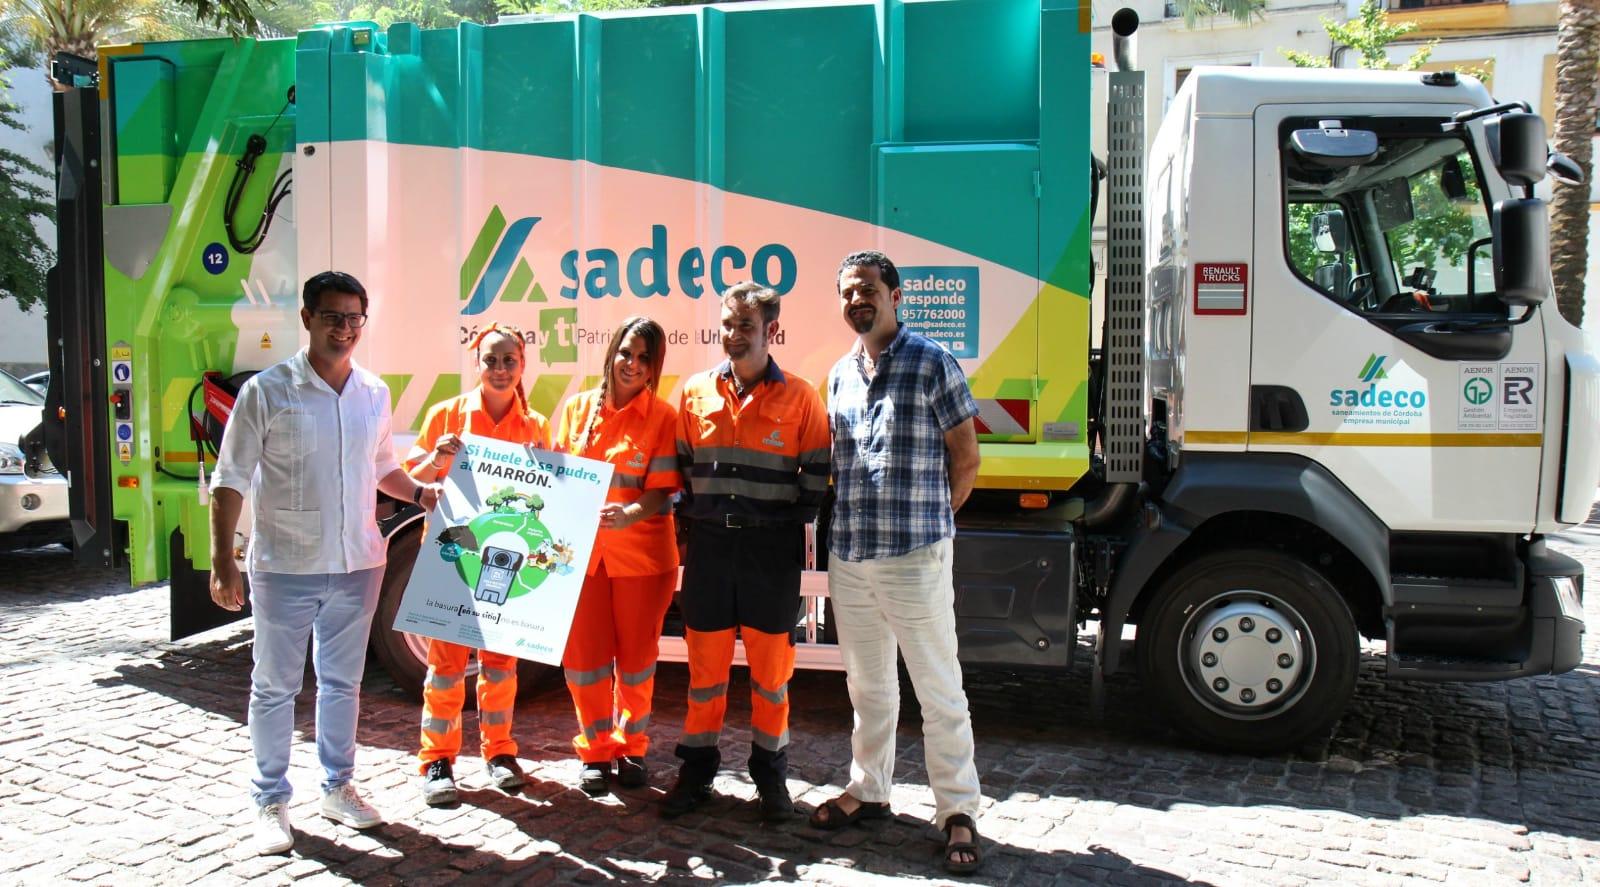 Sadeco incorpora a su flota 30 nuevos vehículos energéticamente más eficientes